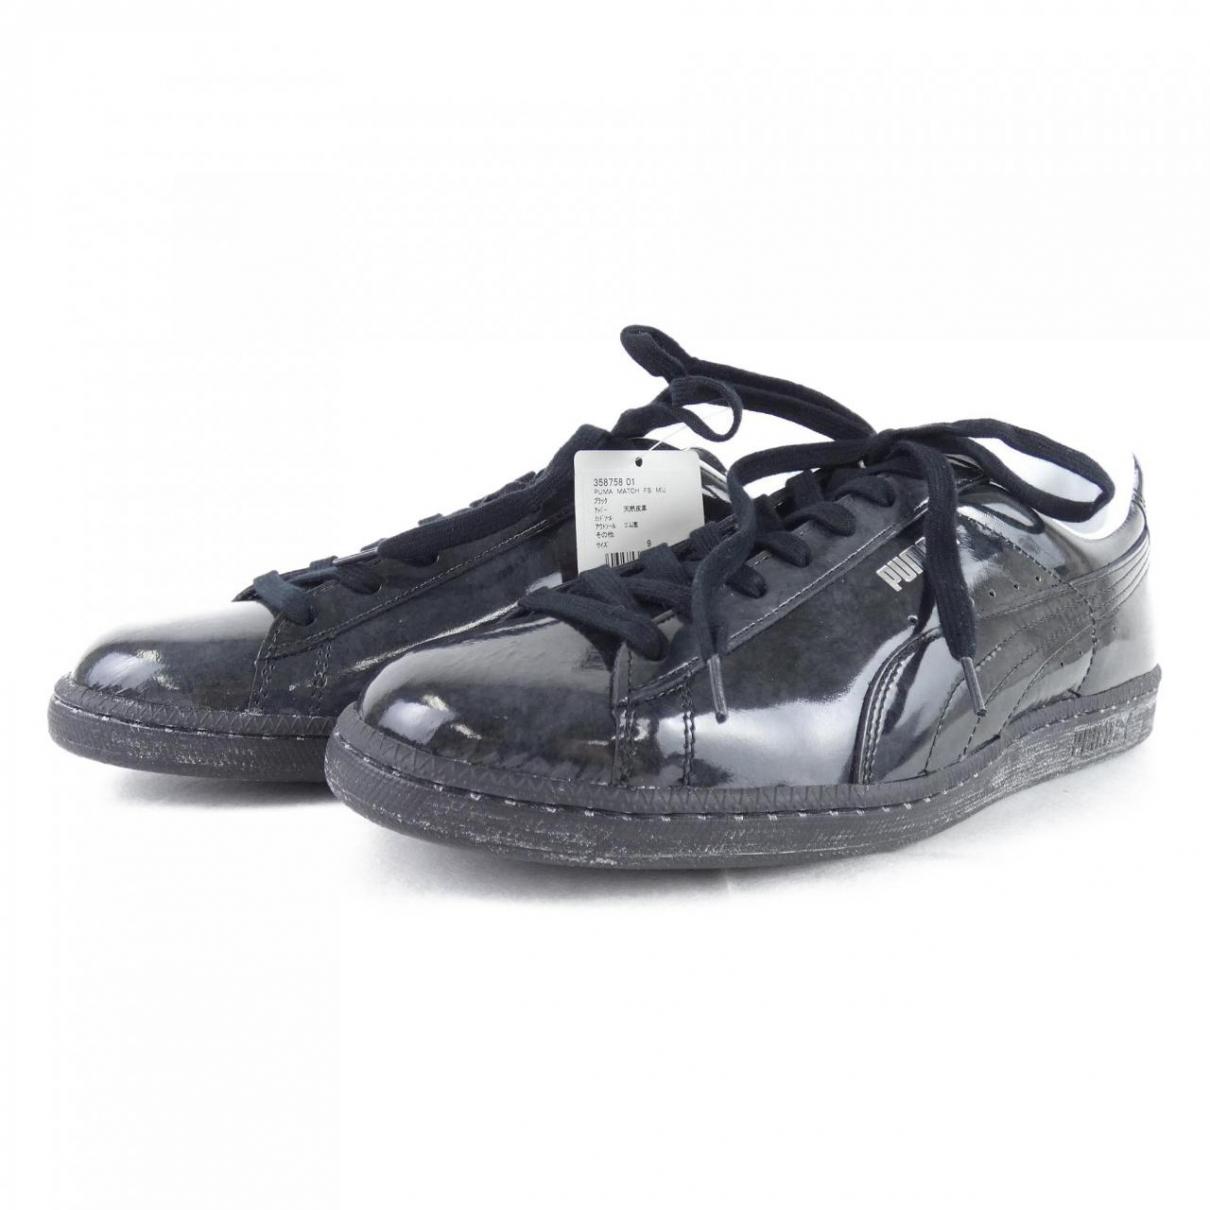 Puma - Baskets   pour homme en toile - noir